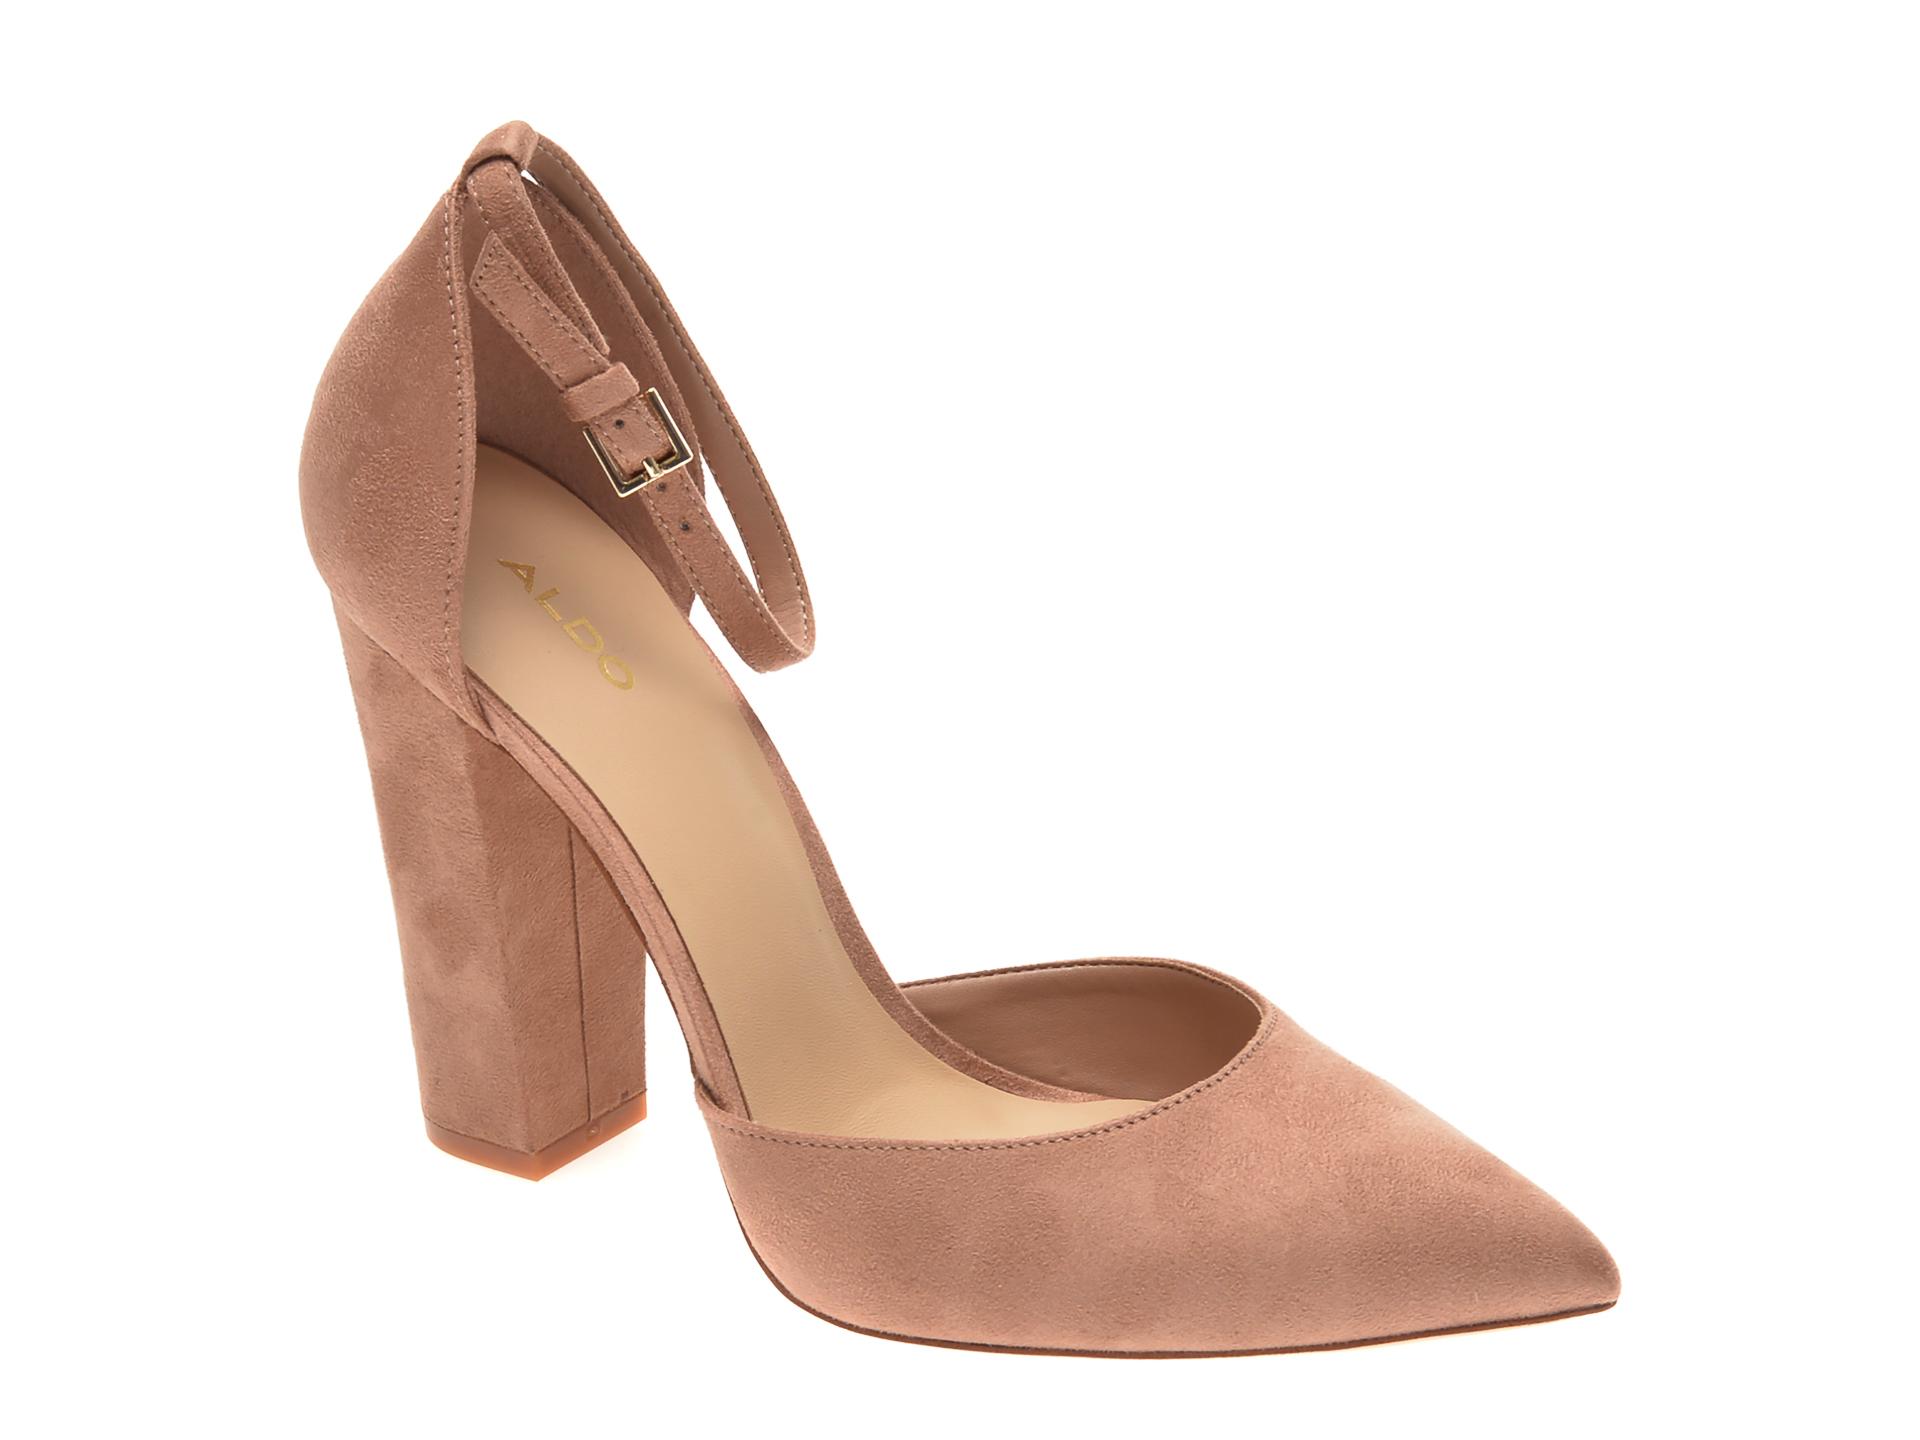 Pantofi ALDO nude, Nicholes251, din piele ecologica imagine otter.ro